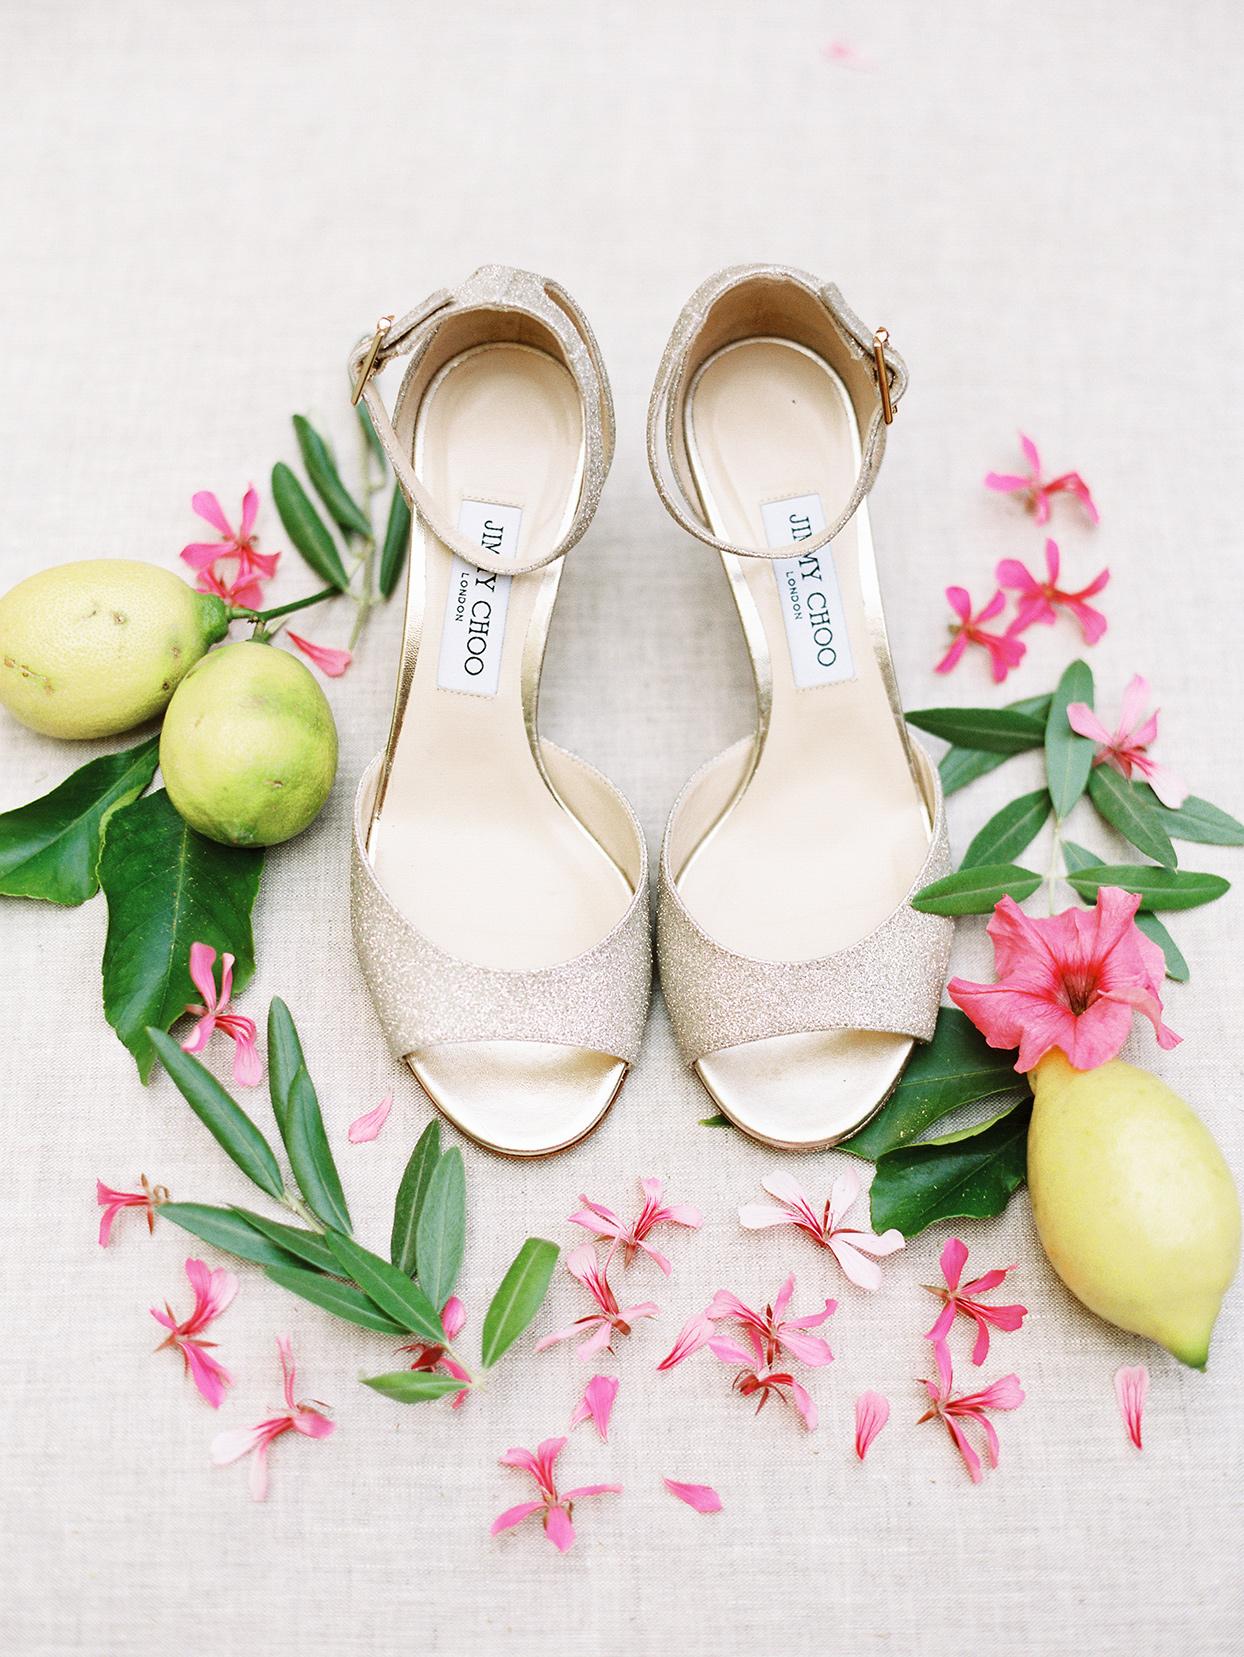 jacqueline david wedding brides golden shoes